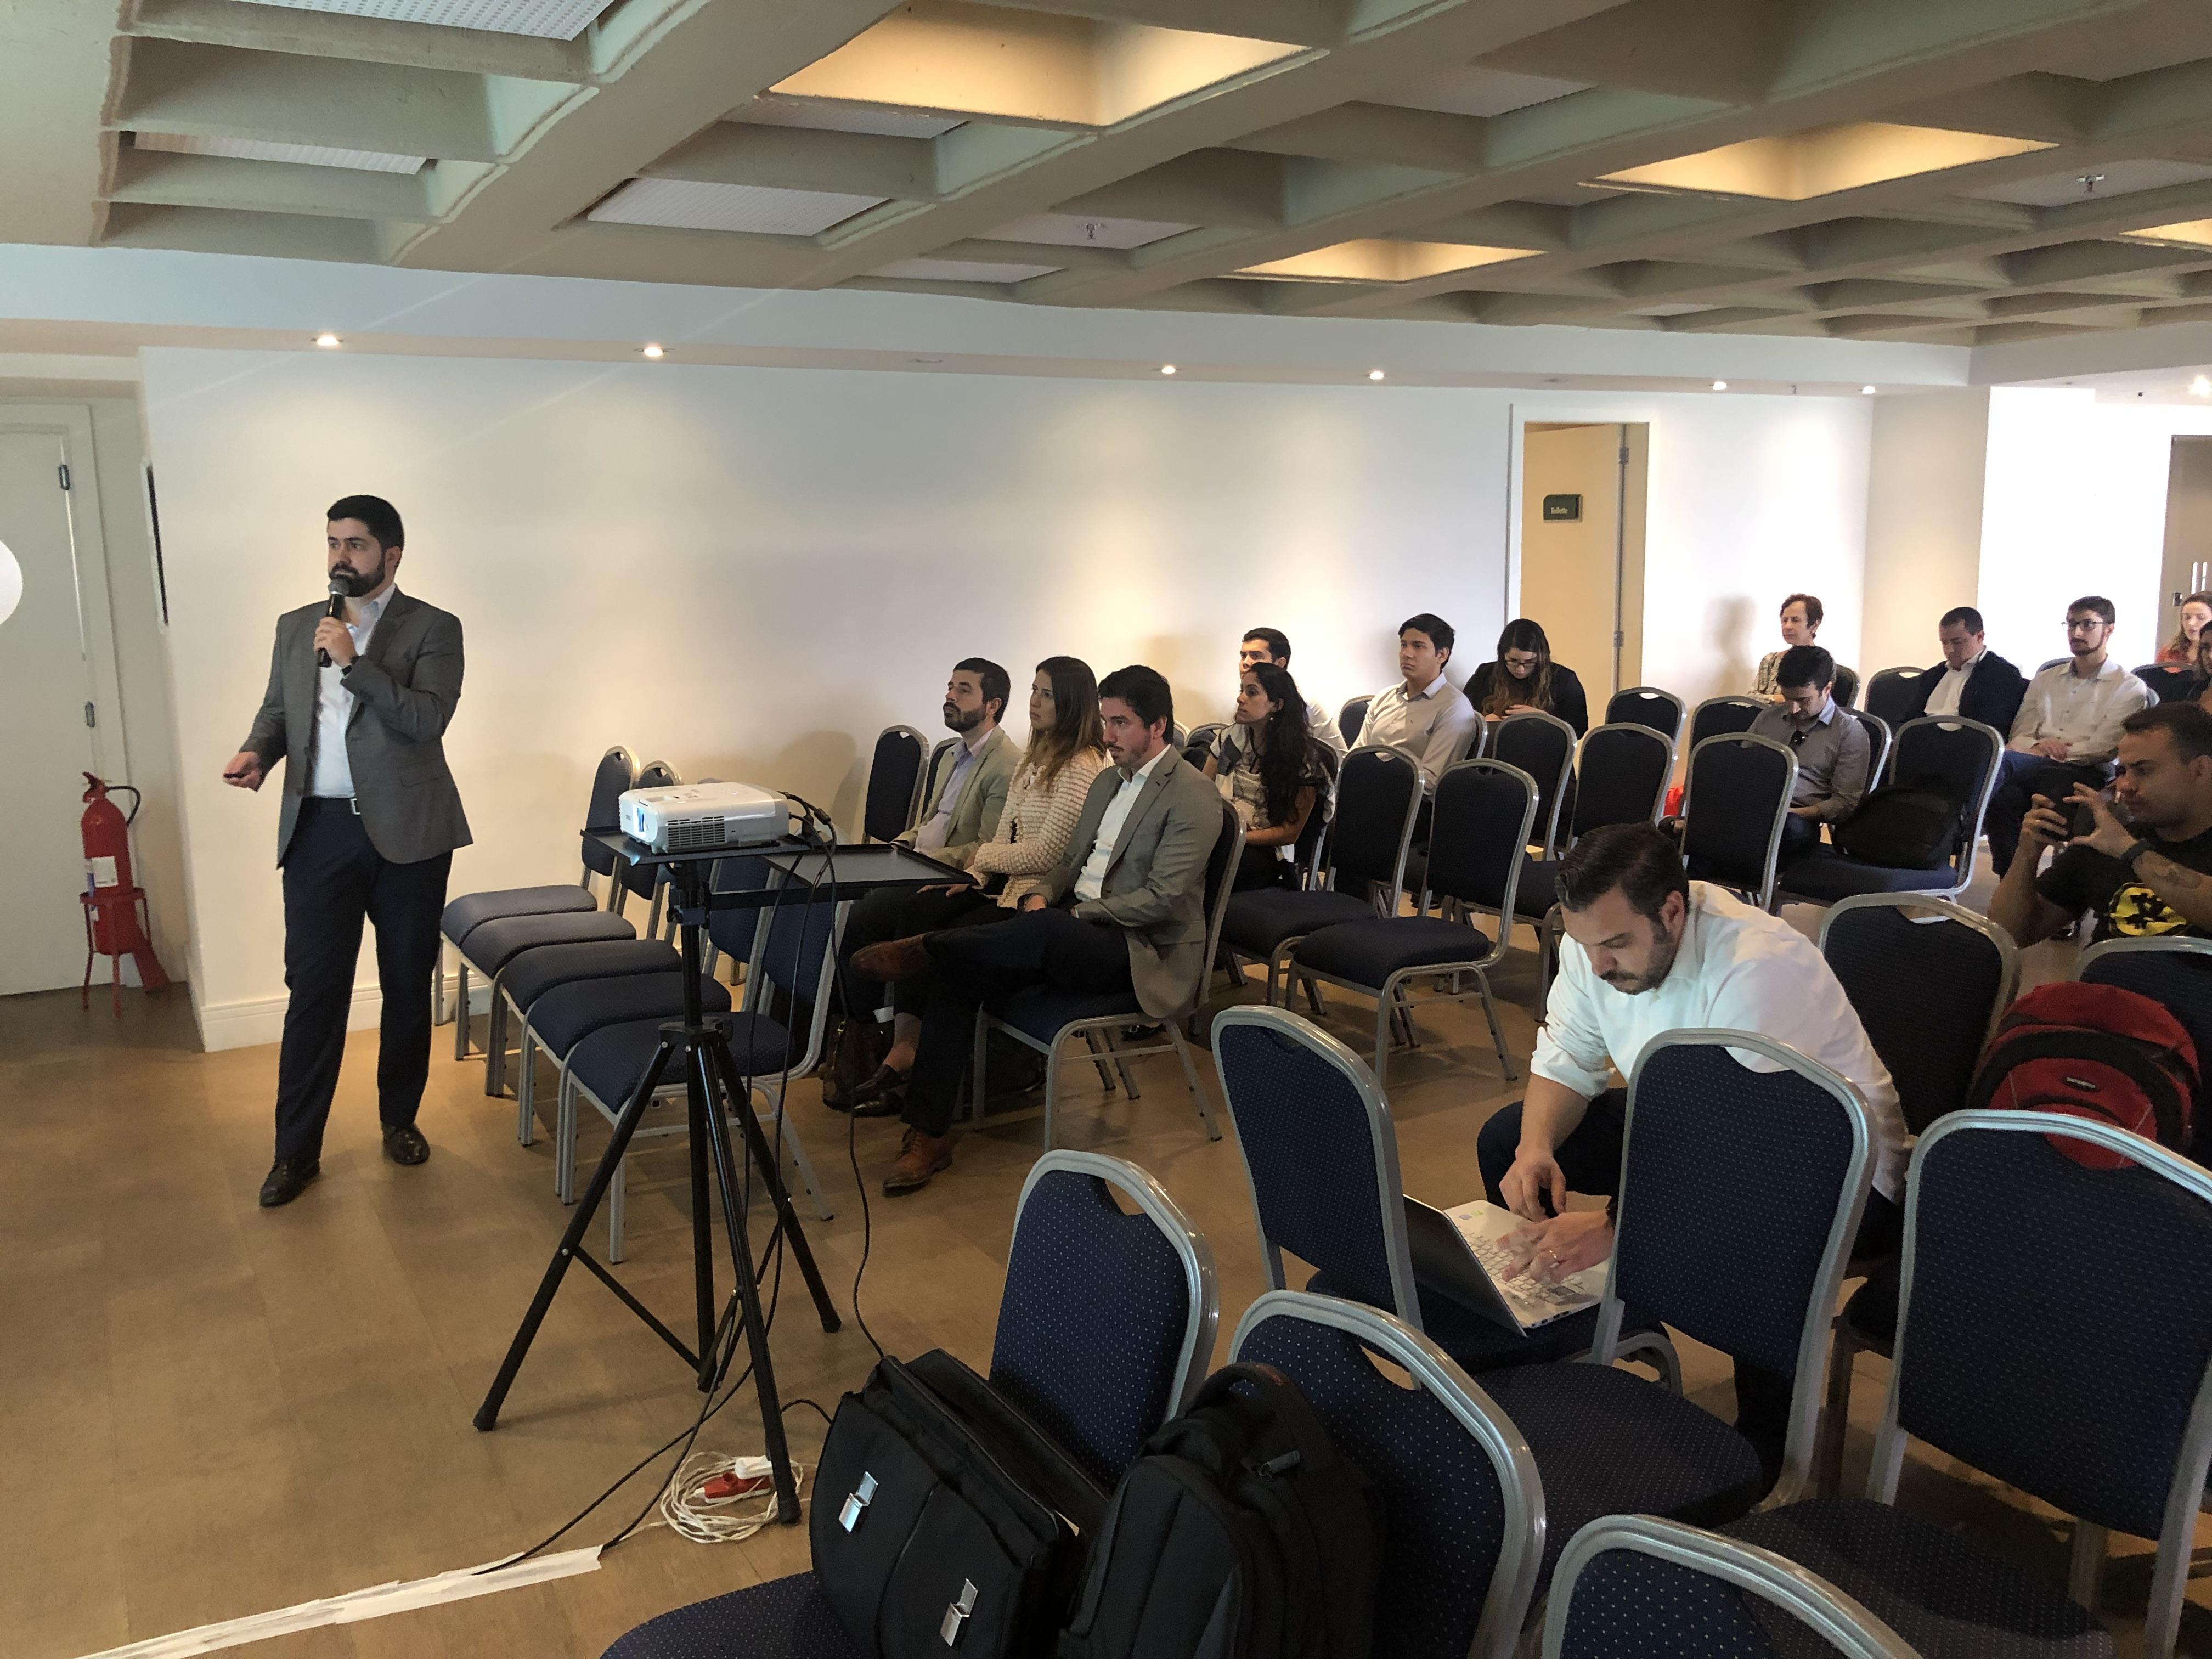 Rodrigo Dufloth faz a abertura do evento Criptomoedas - Aspectos Financeiros, Tributários e Regulatórios